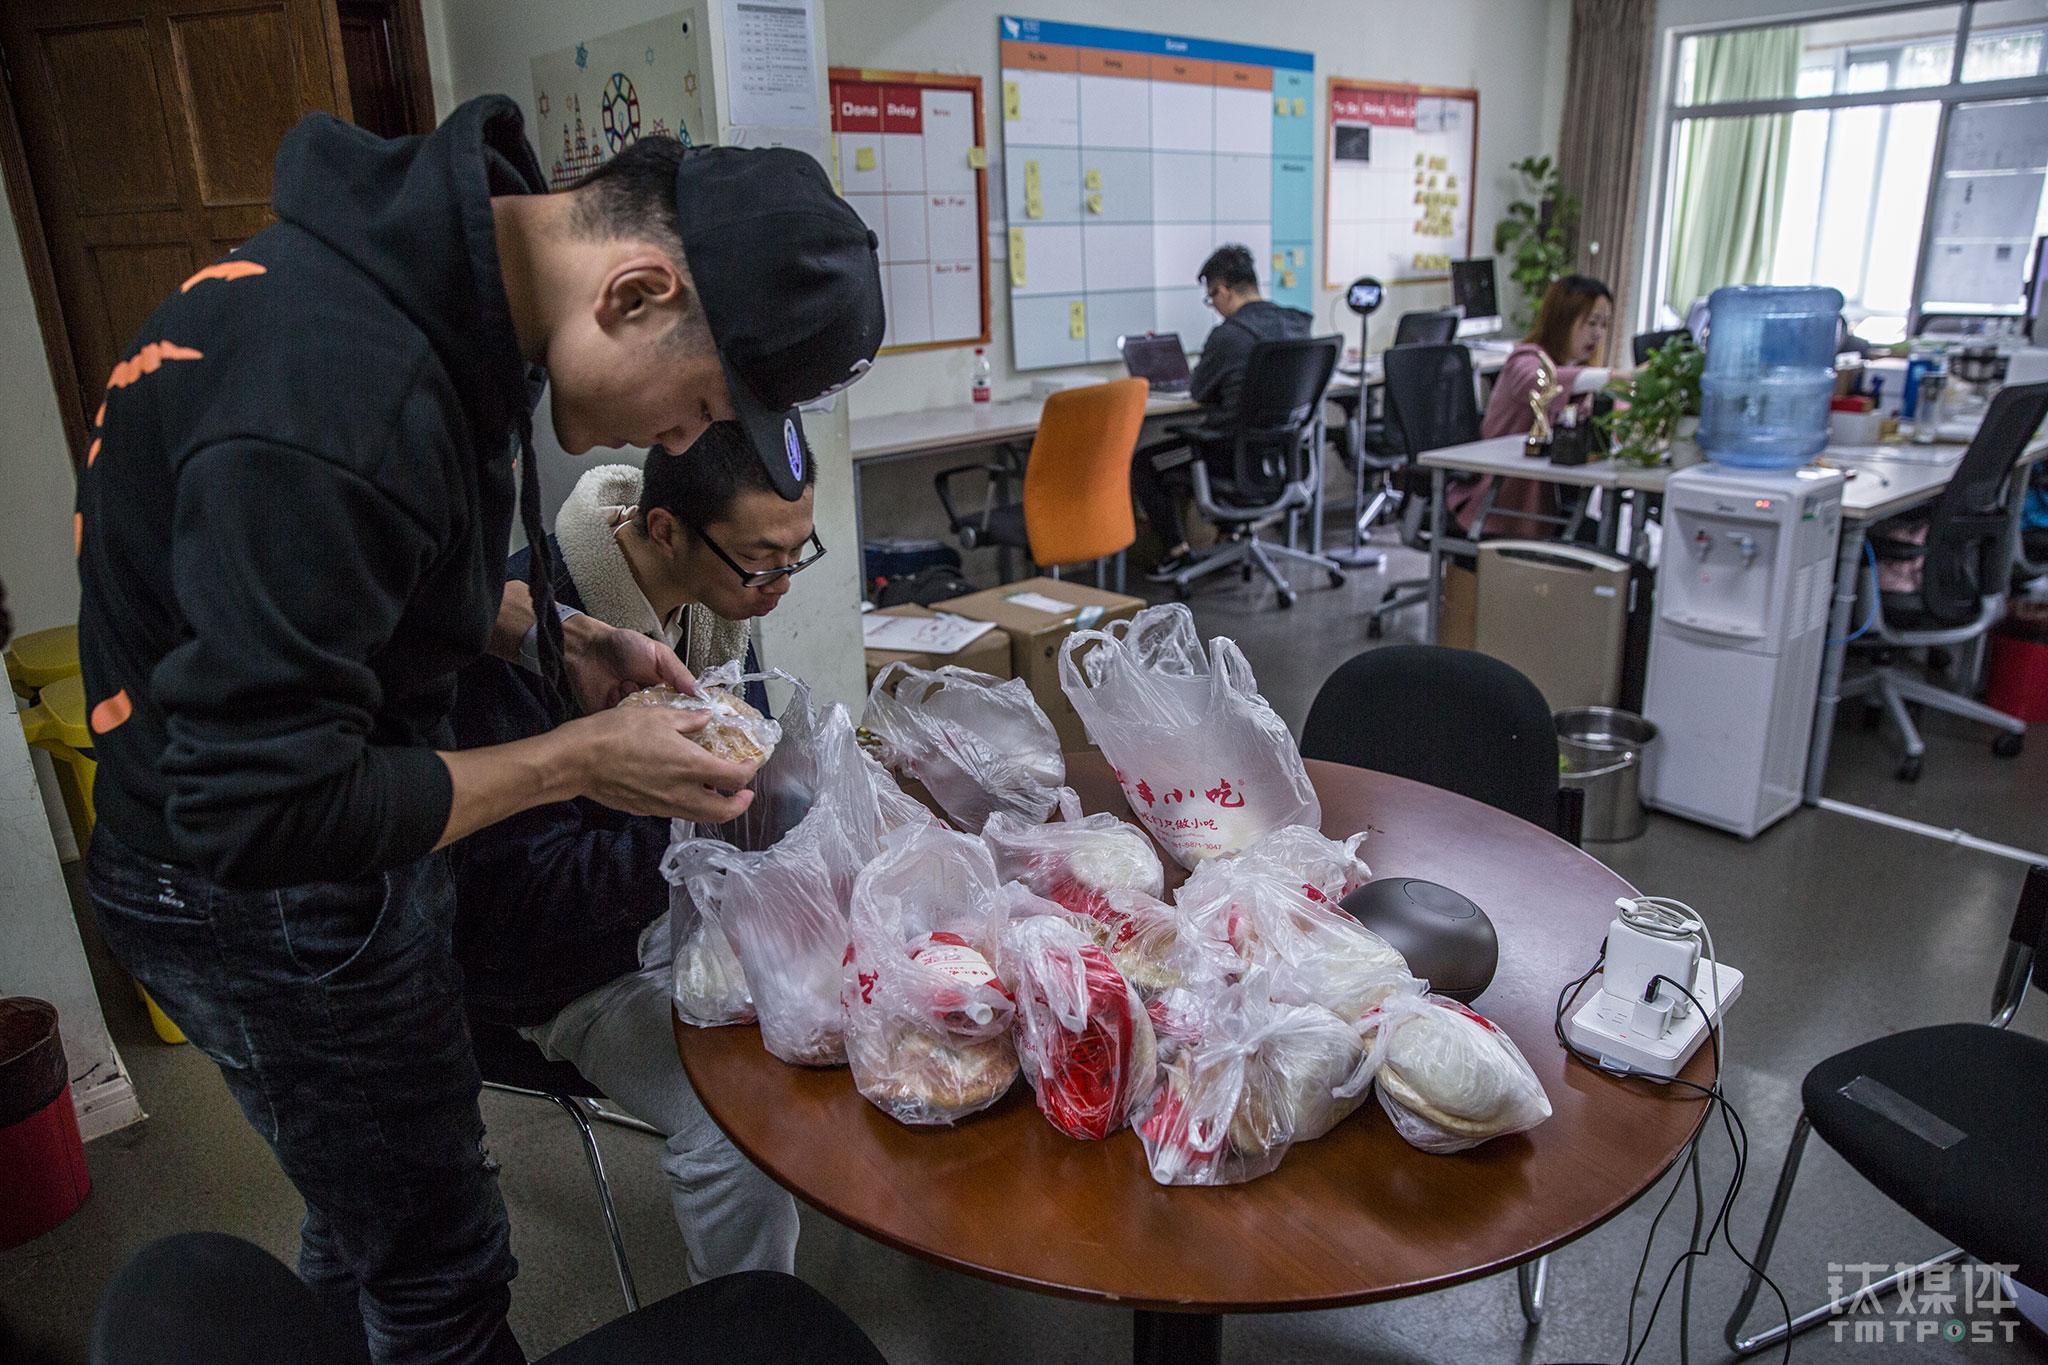 """2017年11月6日9:39,杭州湖畔花园,钉钉硬件团队两名员工拿起公司准备好的早餐。目前这套公寓有钉钉智能前台(简称""""M2"""")和钉钉能通讯中心(简称""""C1"""")两个项目组。"""